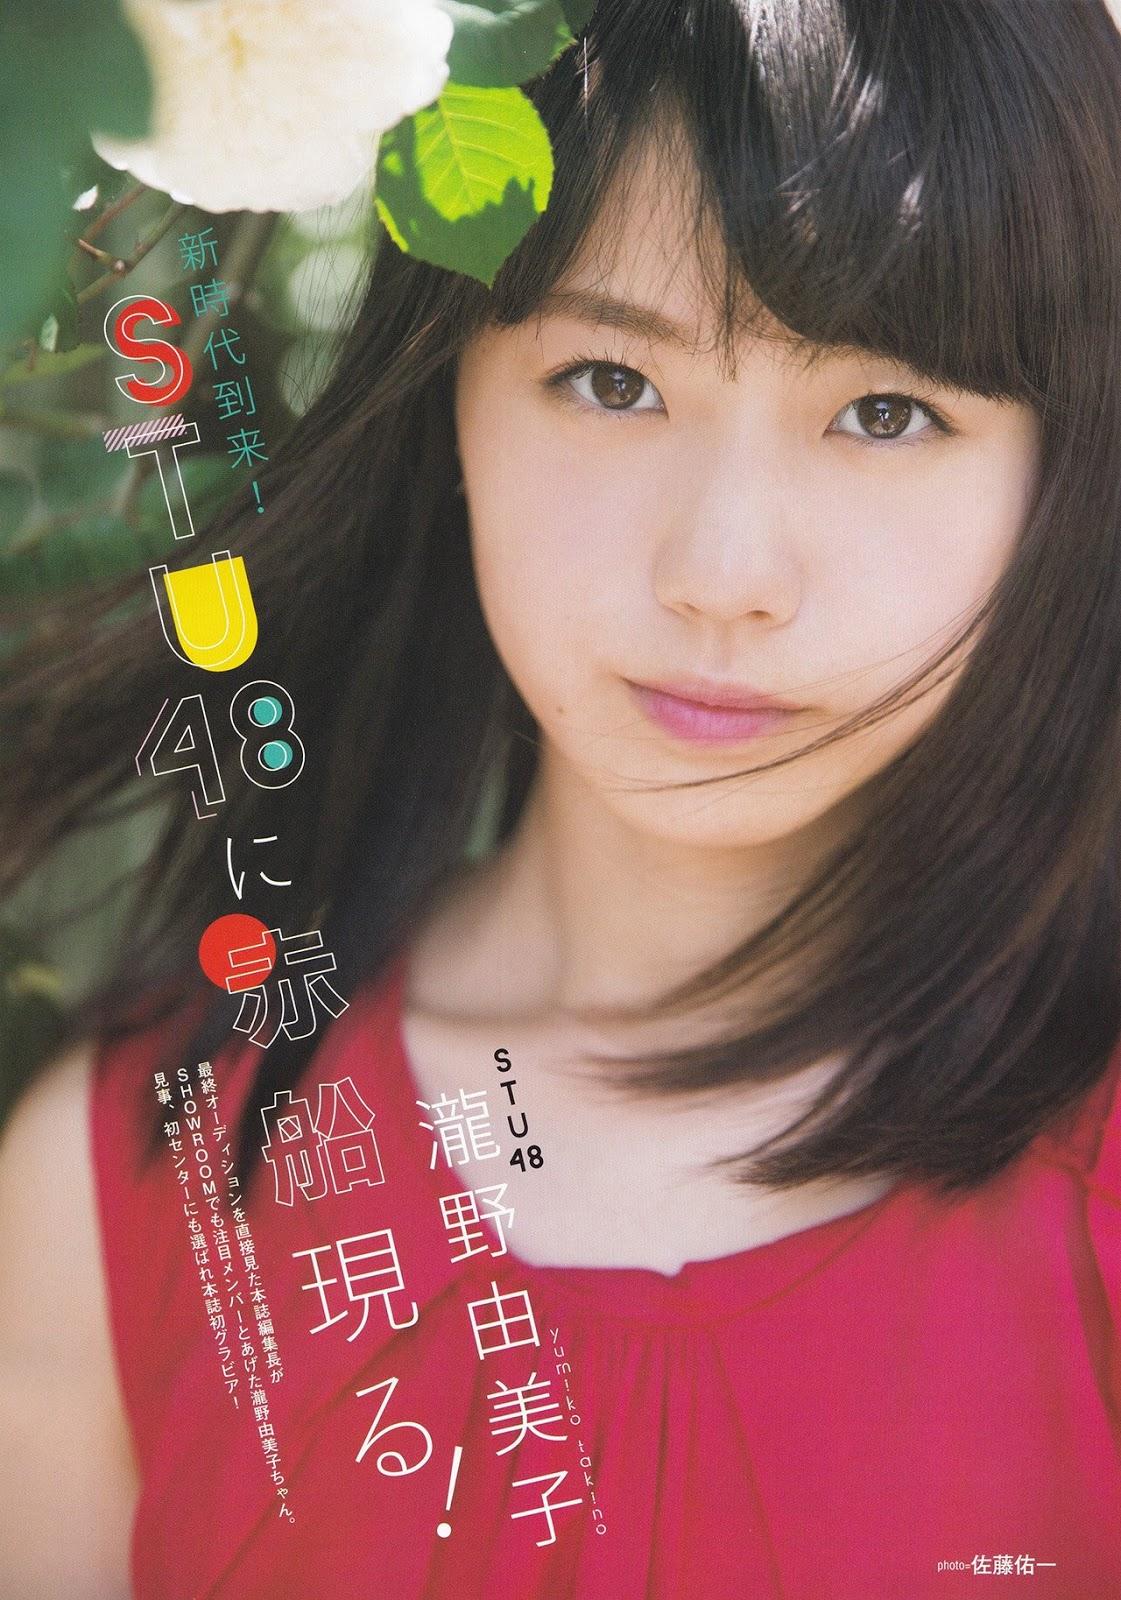 Takino Yumiko 瀧野由美子 STU48, B.L.T 2017年7月号